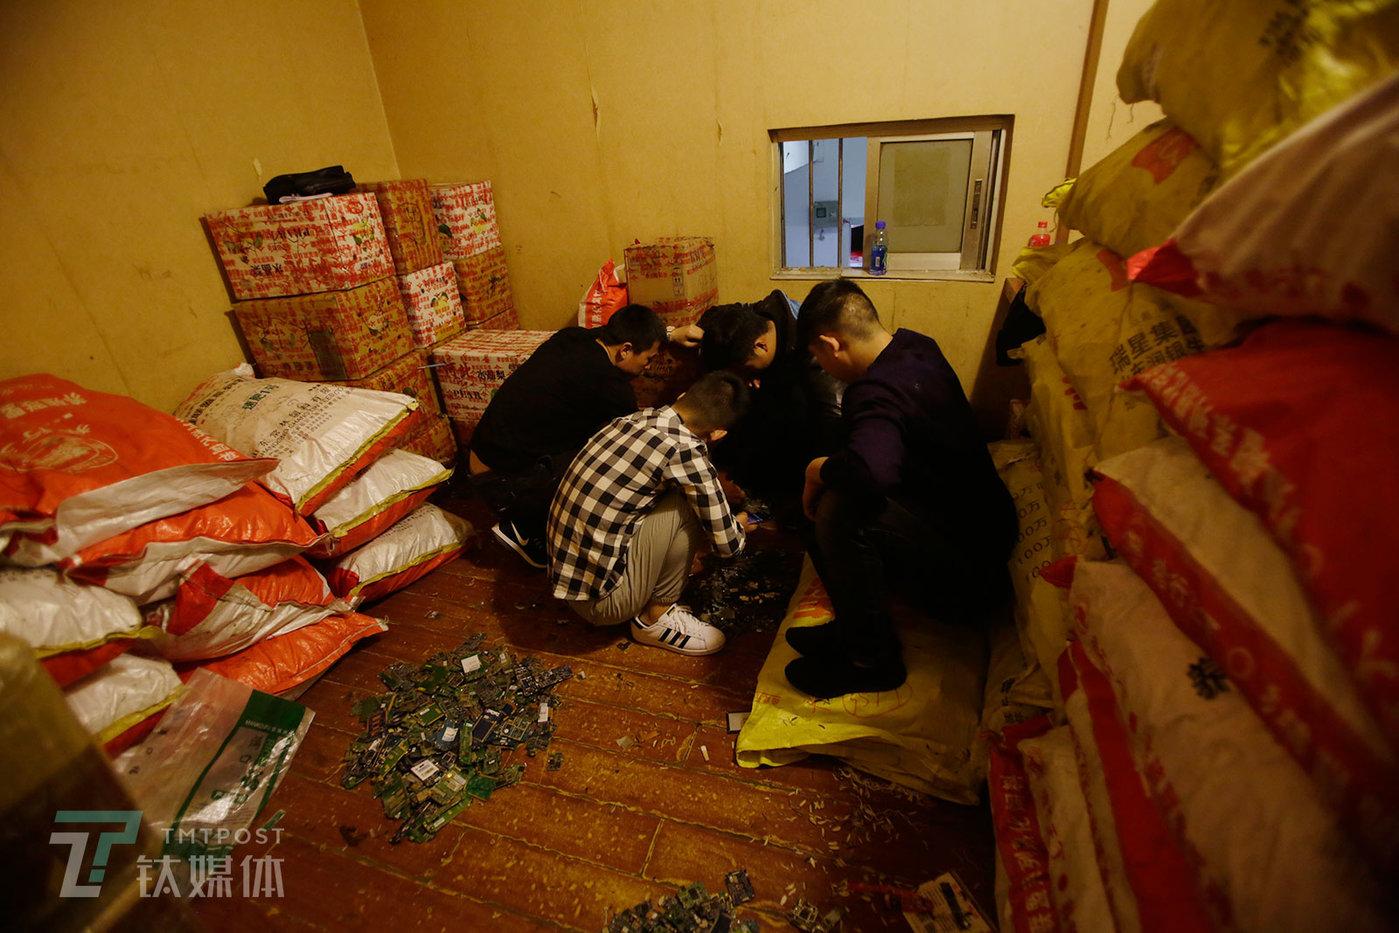 """2月26日,买卖双方在一间摆满货物的房间看一批手机主板。房间编织袋和纸箱装着的货""""大约价值一百多万""""。"""